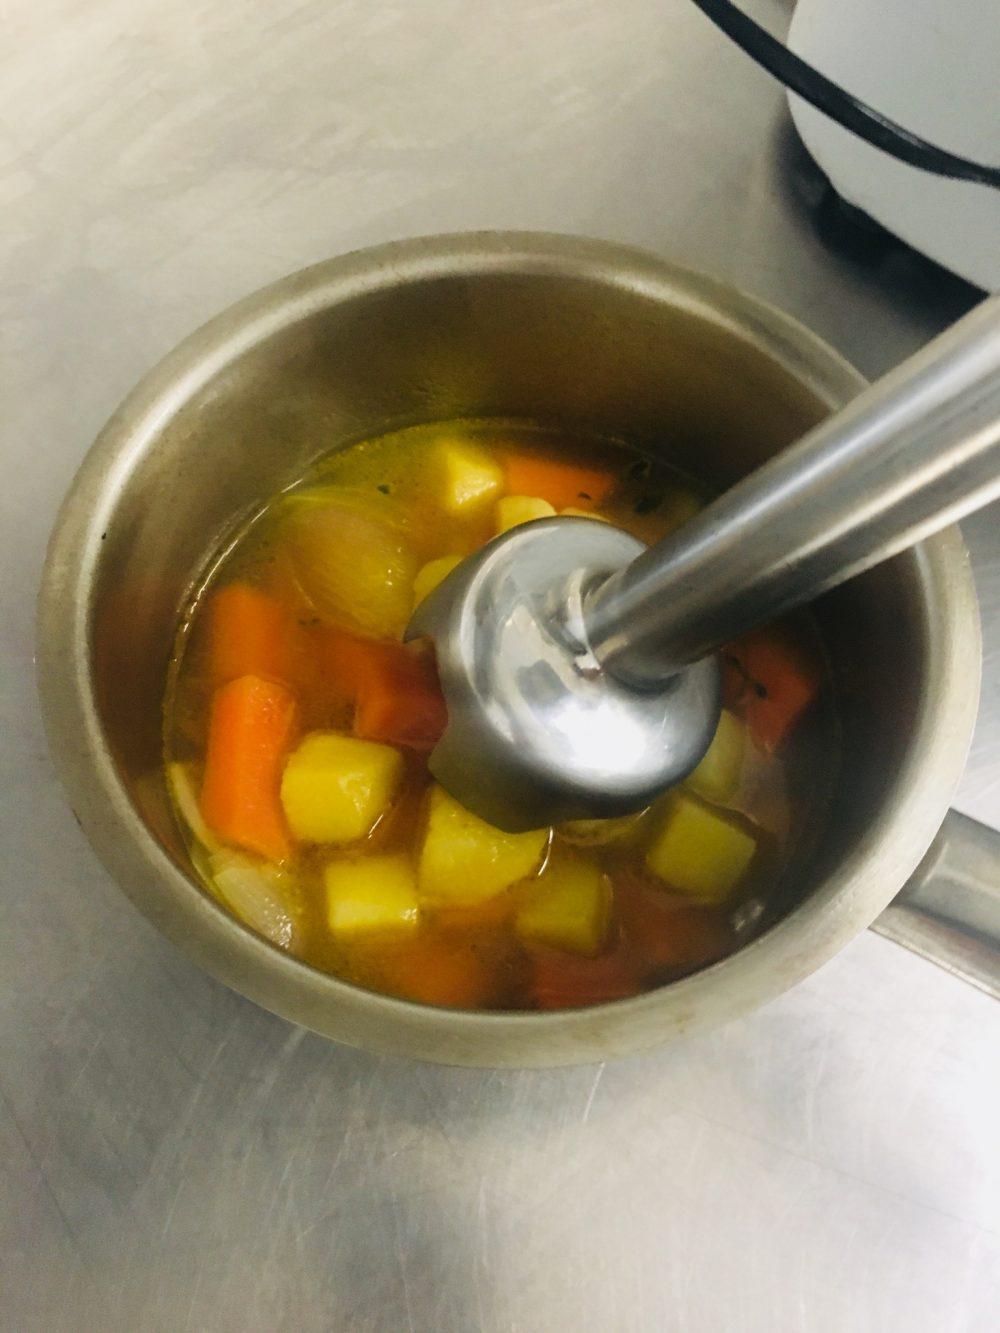 Velluatat di carote al timo con bigne' di curcuma e yogurt greco - preparazione